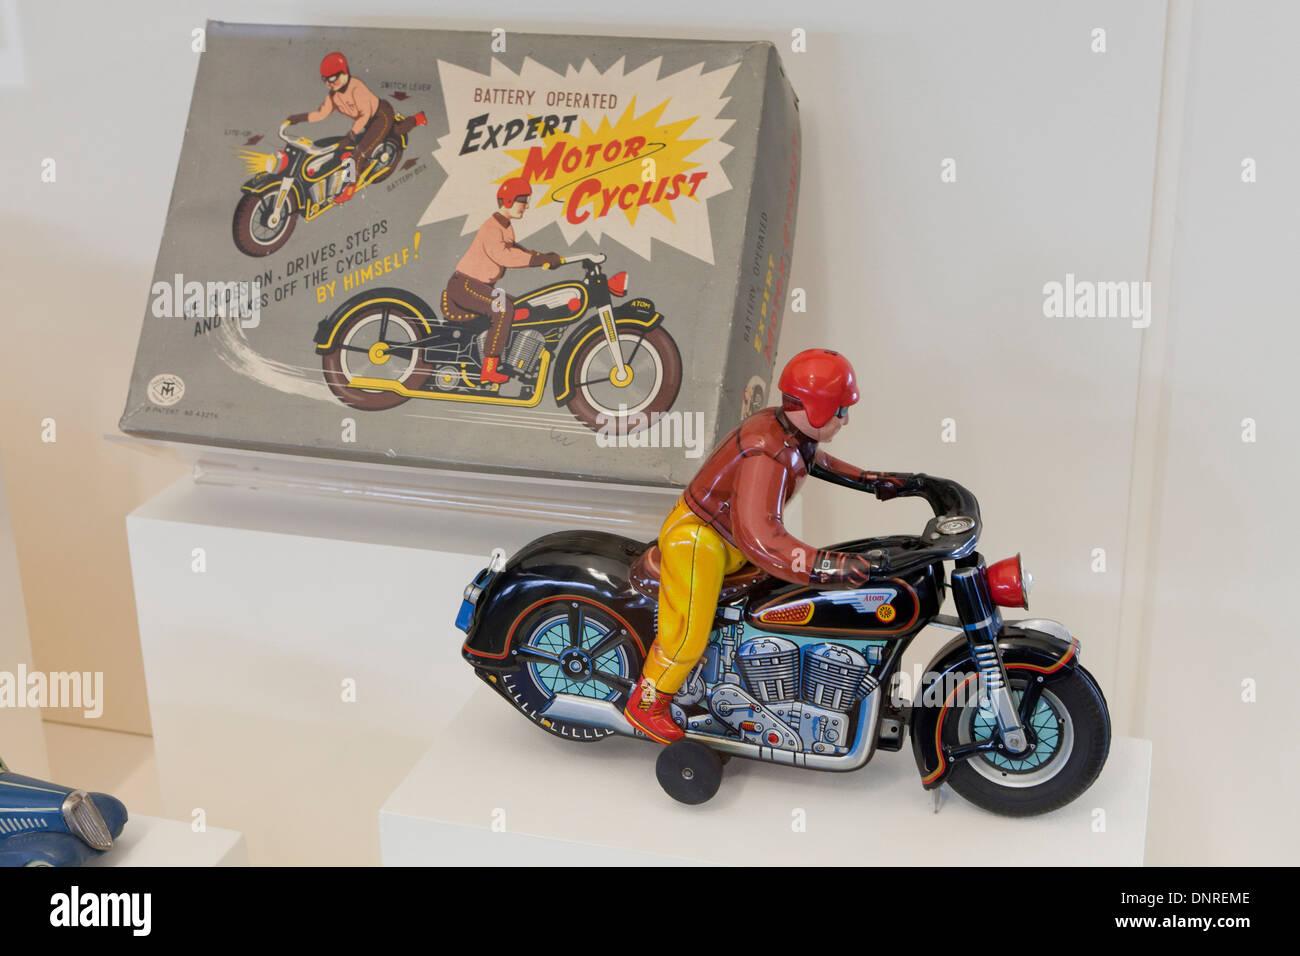 Spielzeug Blechspielzeug Neueste Technik Blechspielzeug Motorrad